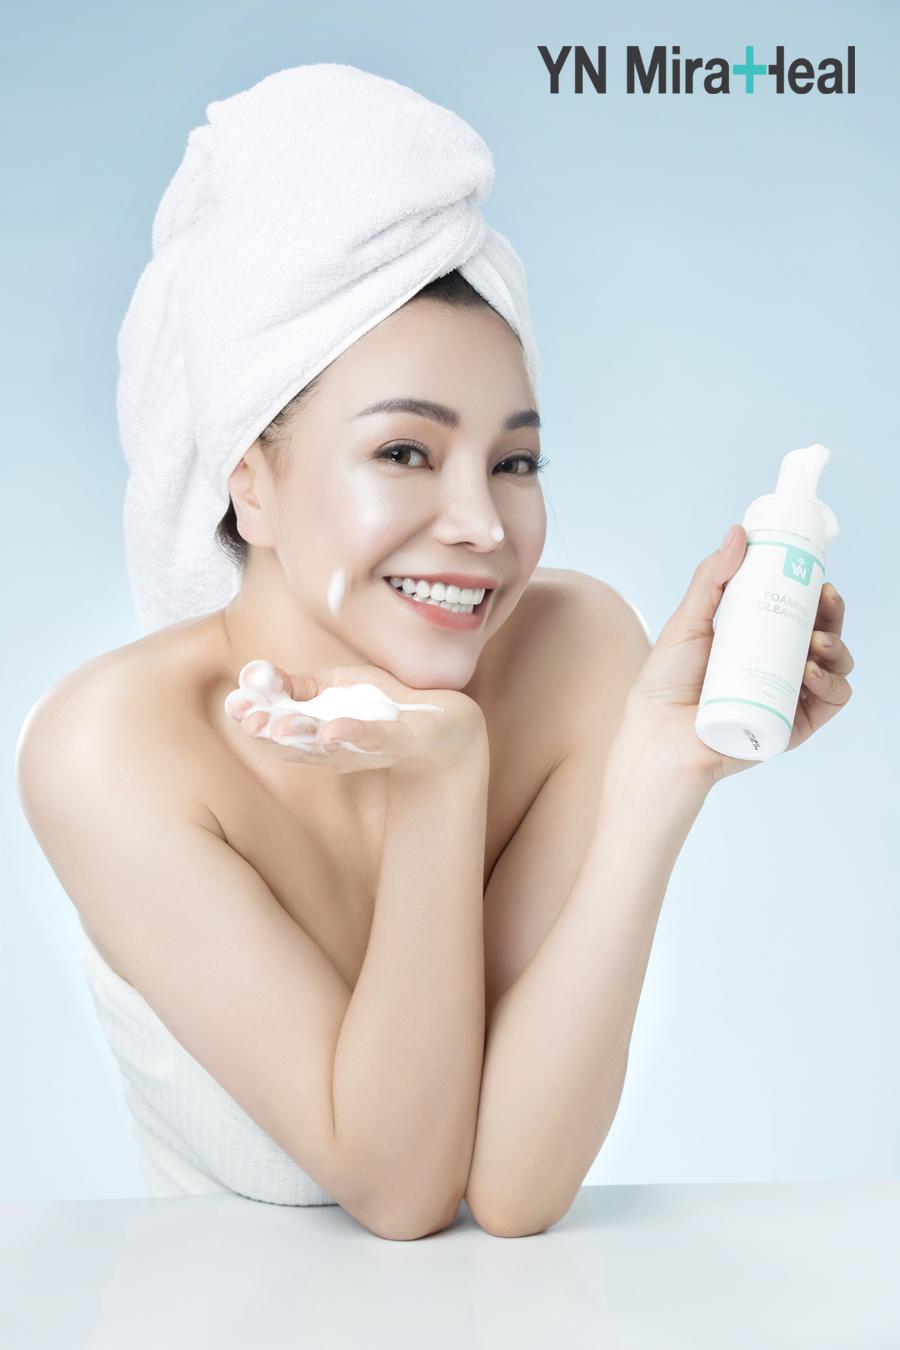 Thành phần sữa rửa mặt lành tính, phù hợp với da nhạy cảm